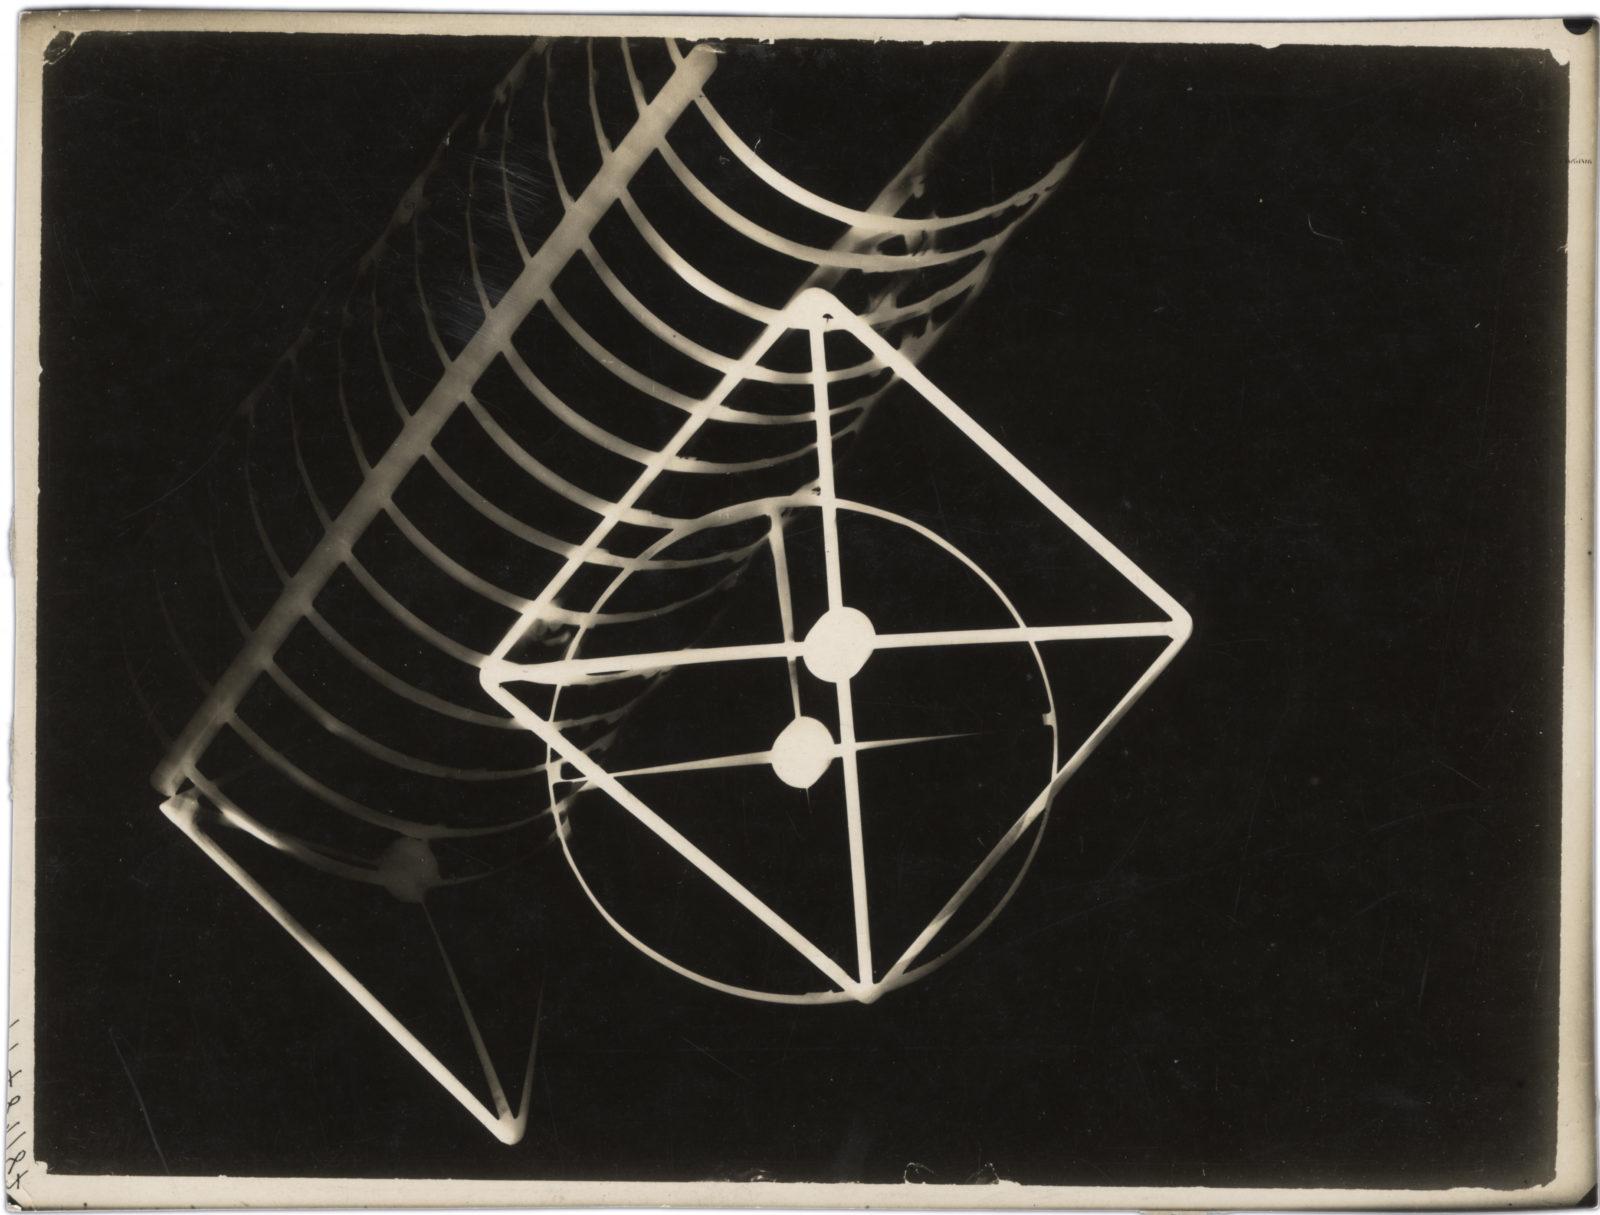 Hatalmas bukással indult, aztán világszám lett az idén 100 éves Bauhaus